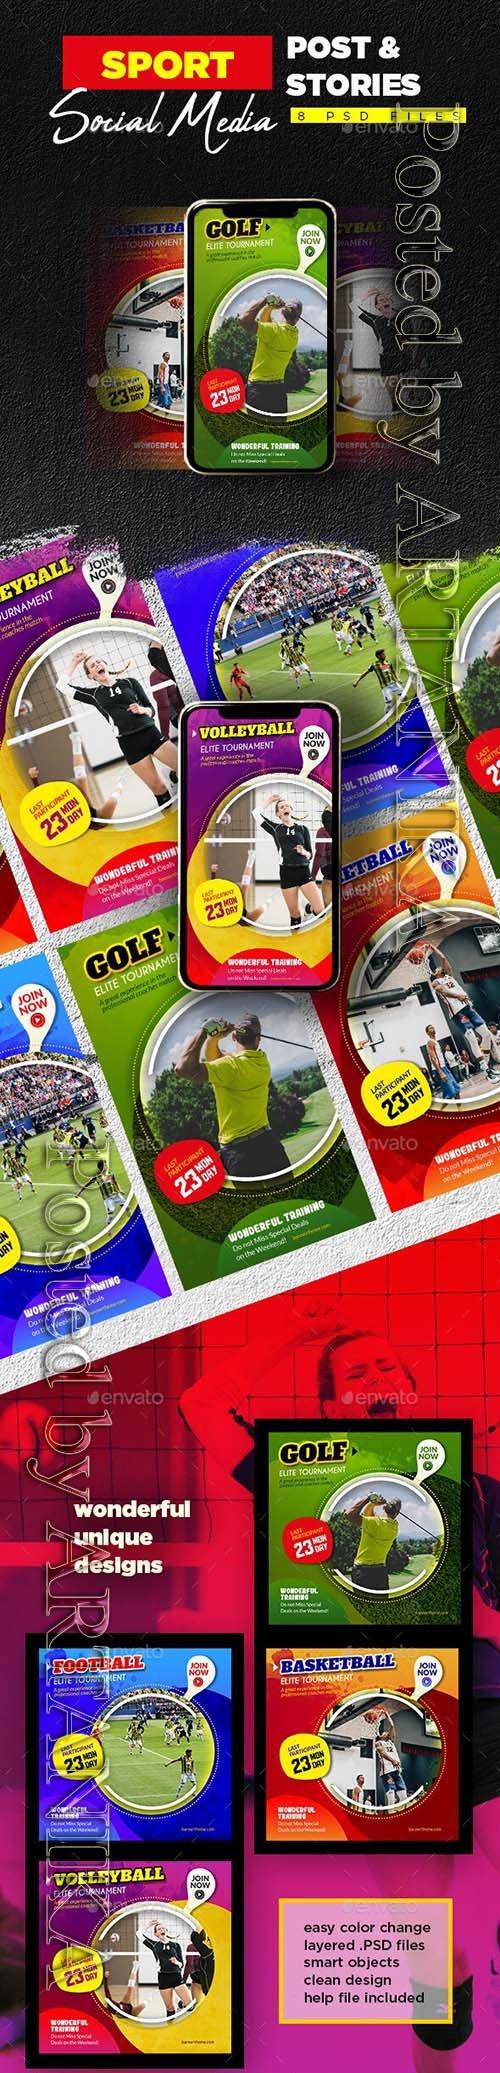 Sport Social Media Post & Stories 23970910